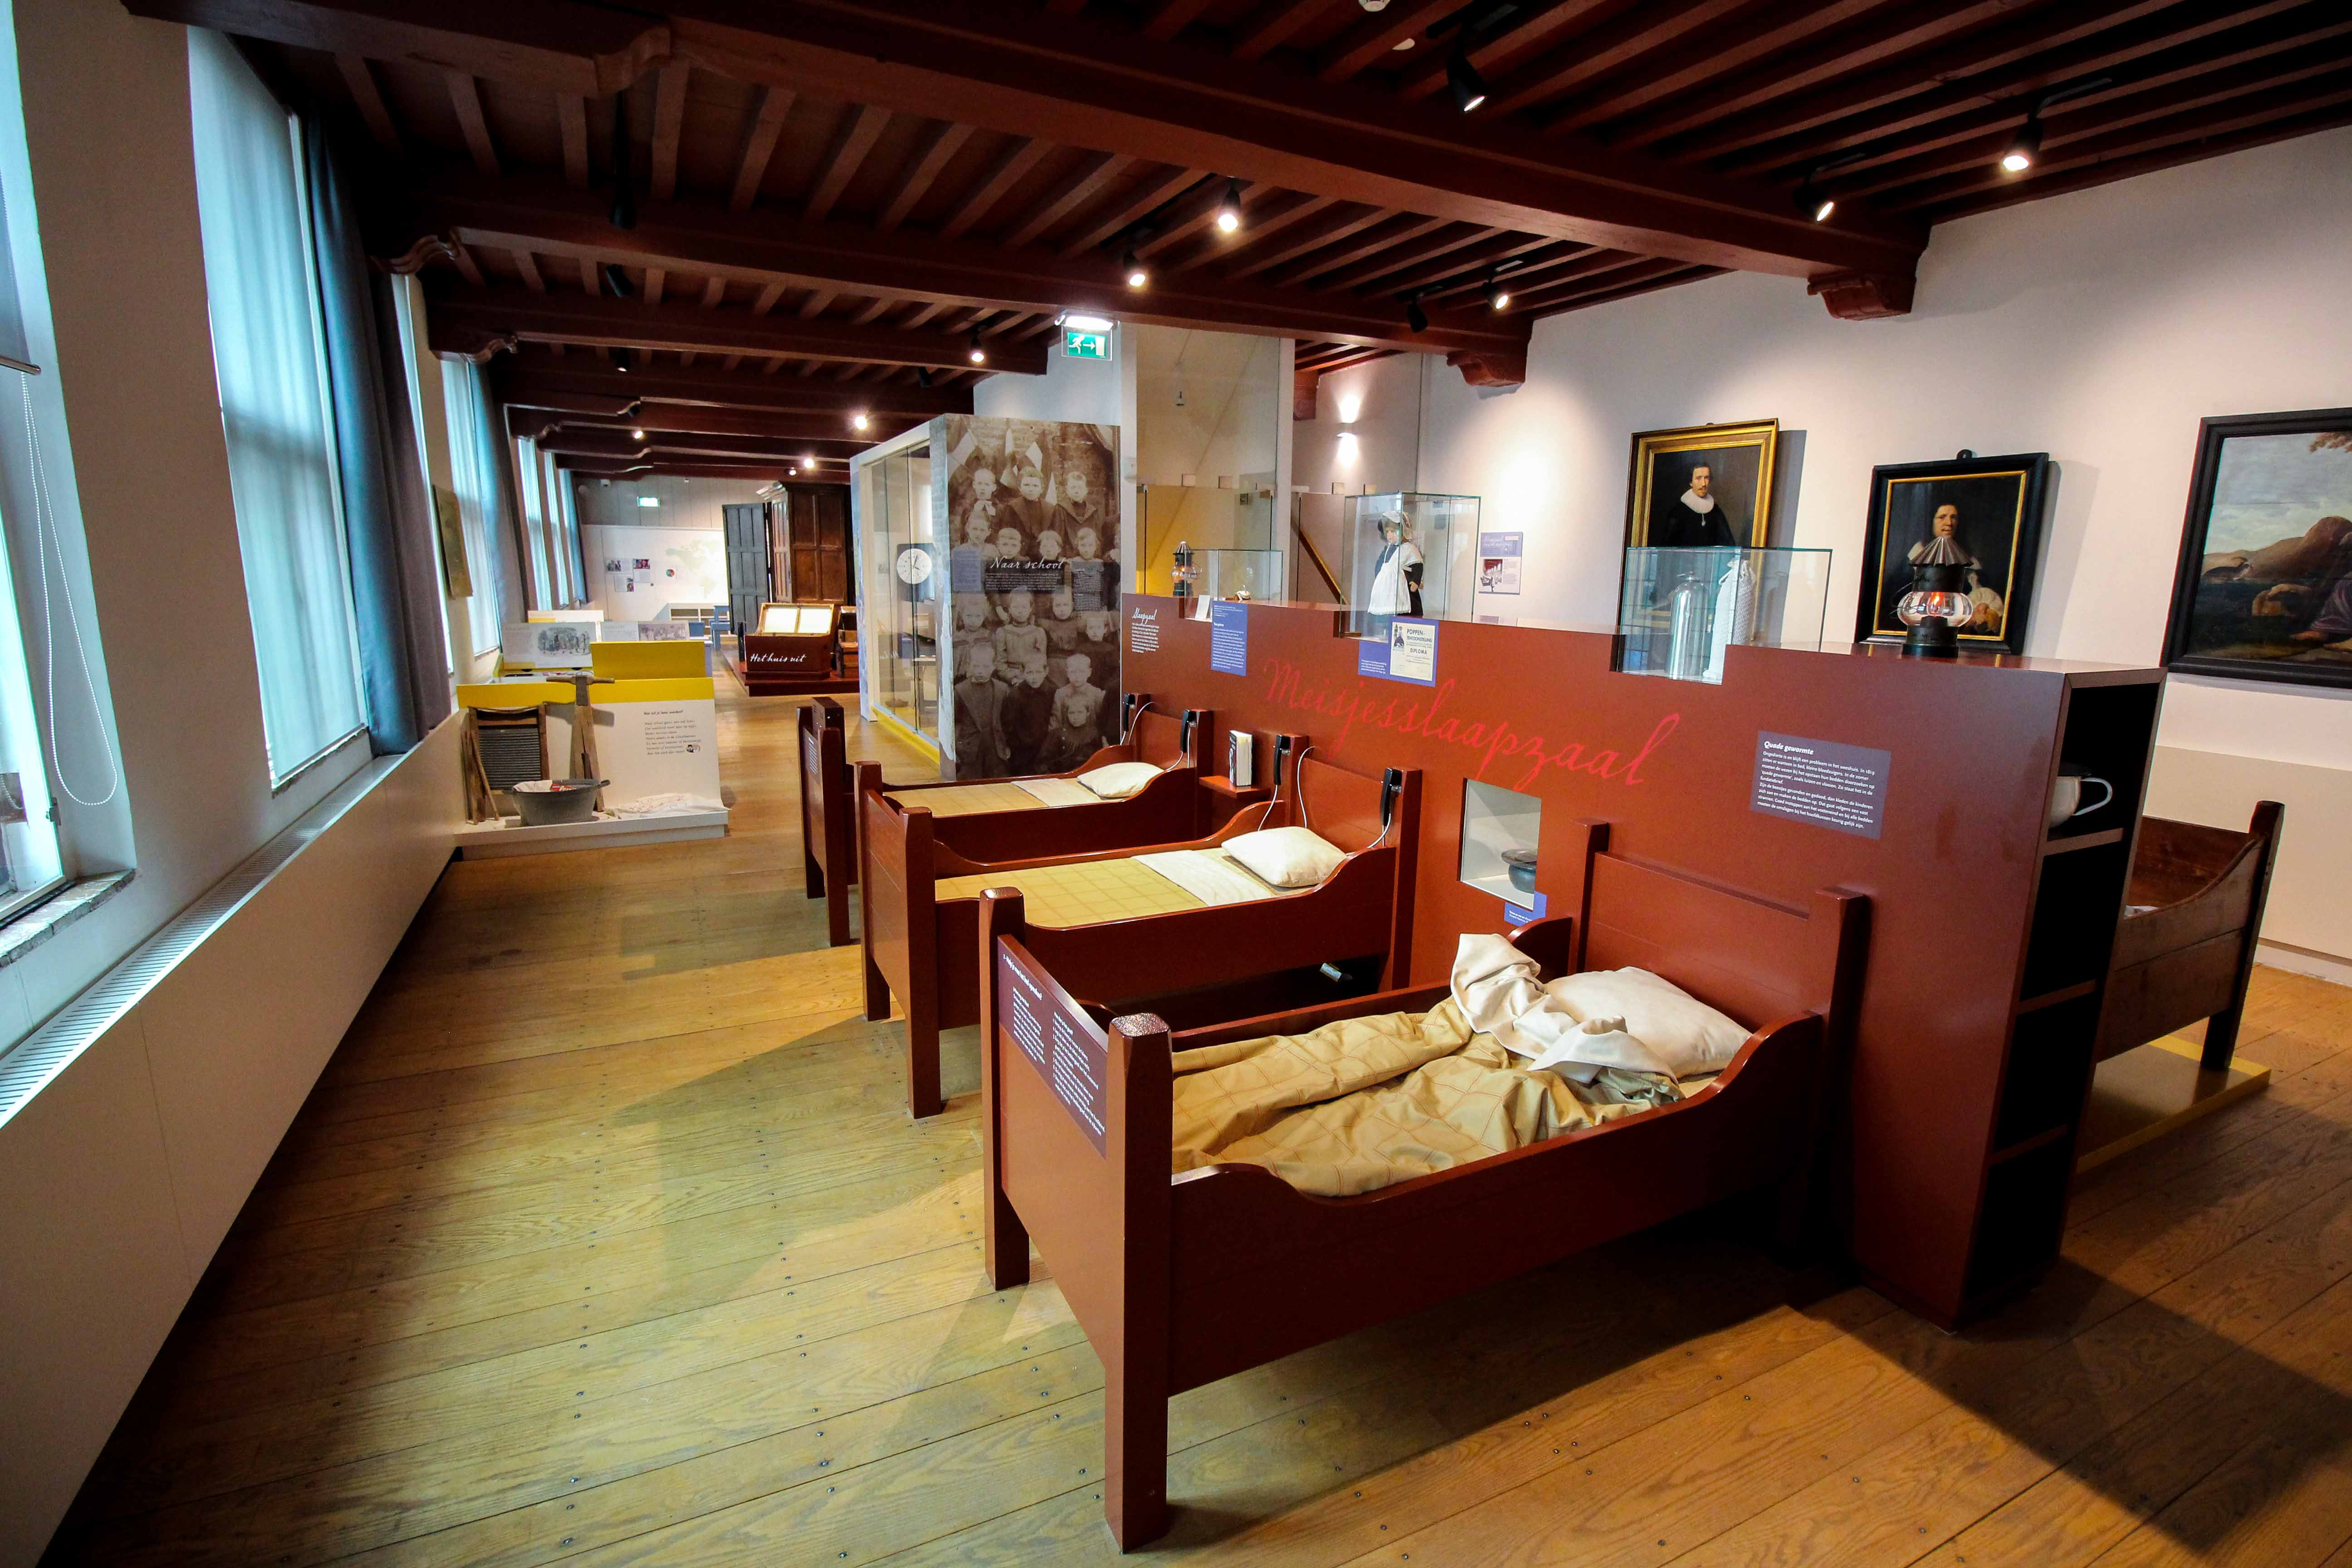 Wochenendtrip Holland Waisenhausmuseum Culemborg Elisabeth Weeshuis Museum Schlafzimmer das andere Holland Reiseblog Ausflug von Deutschland